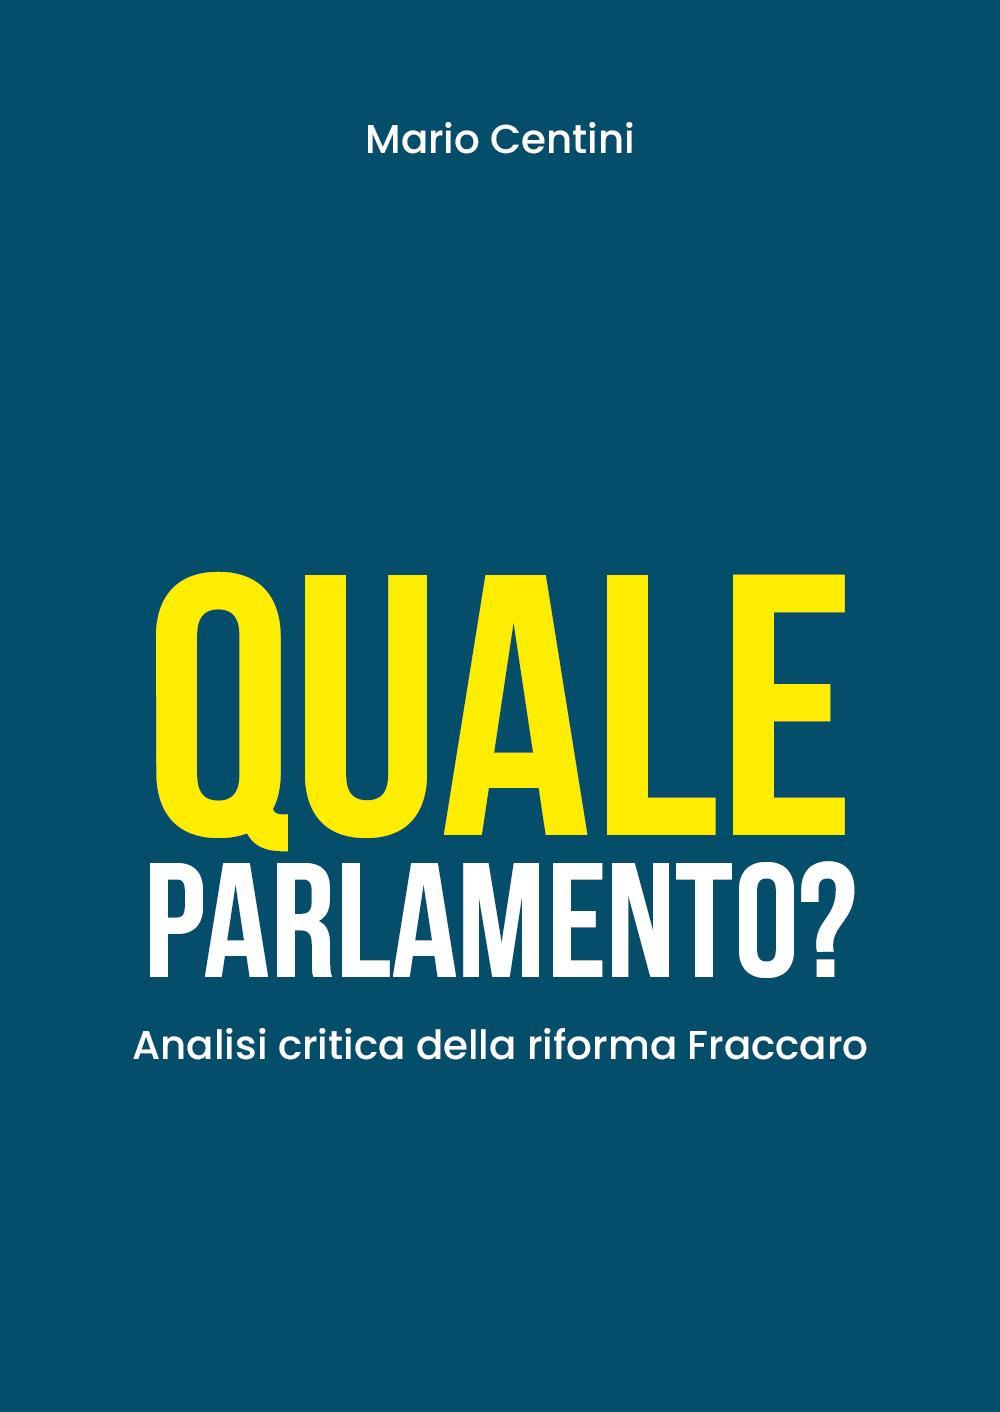 Quale Parlamento? Analisi critica della riforma Fraccaro